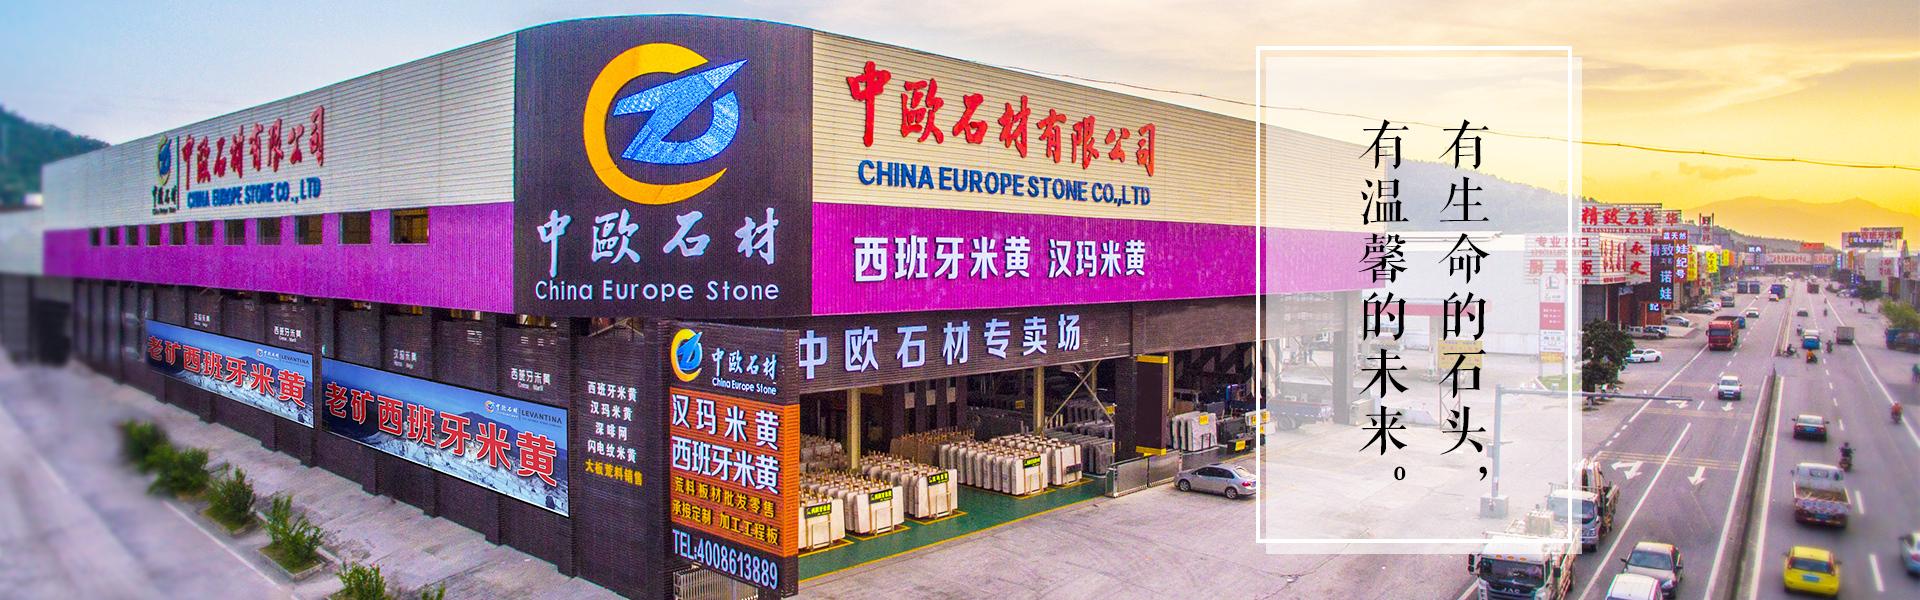 中欧石材有限公司主要有西班牙米黄、深啡网、SP矿西米、土耳其汉玛米黄等系列优质石材。